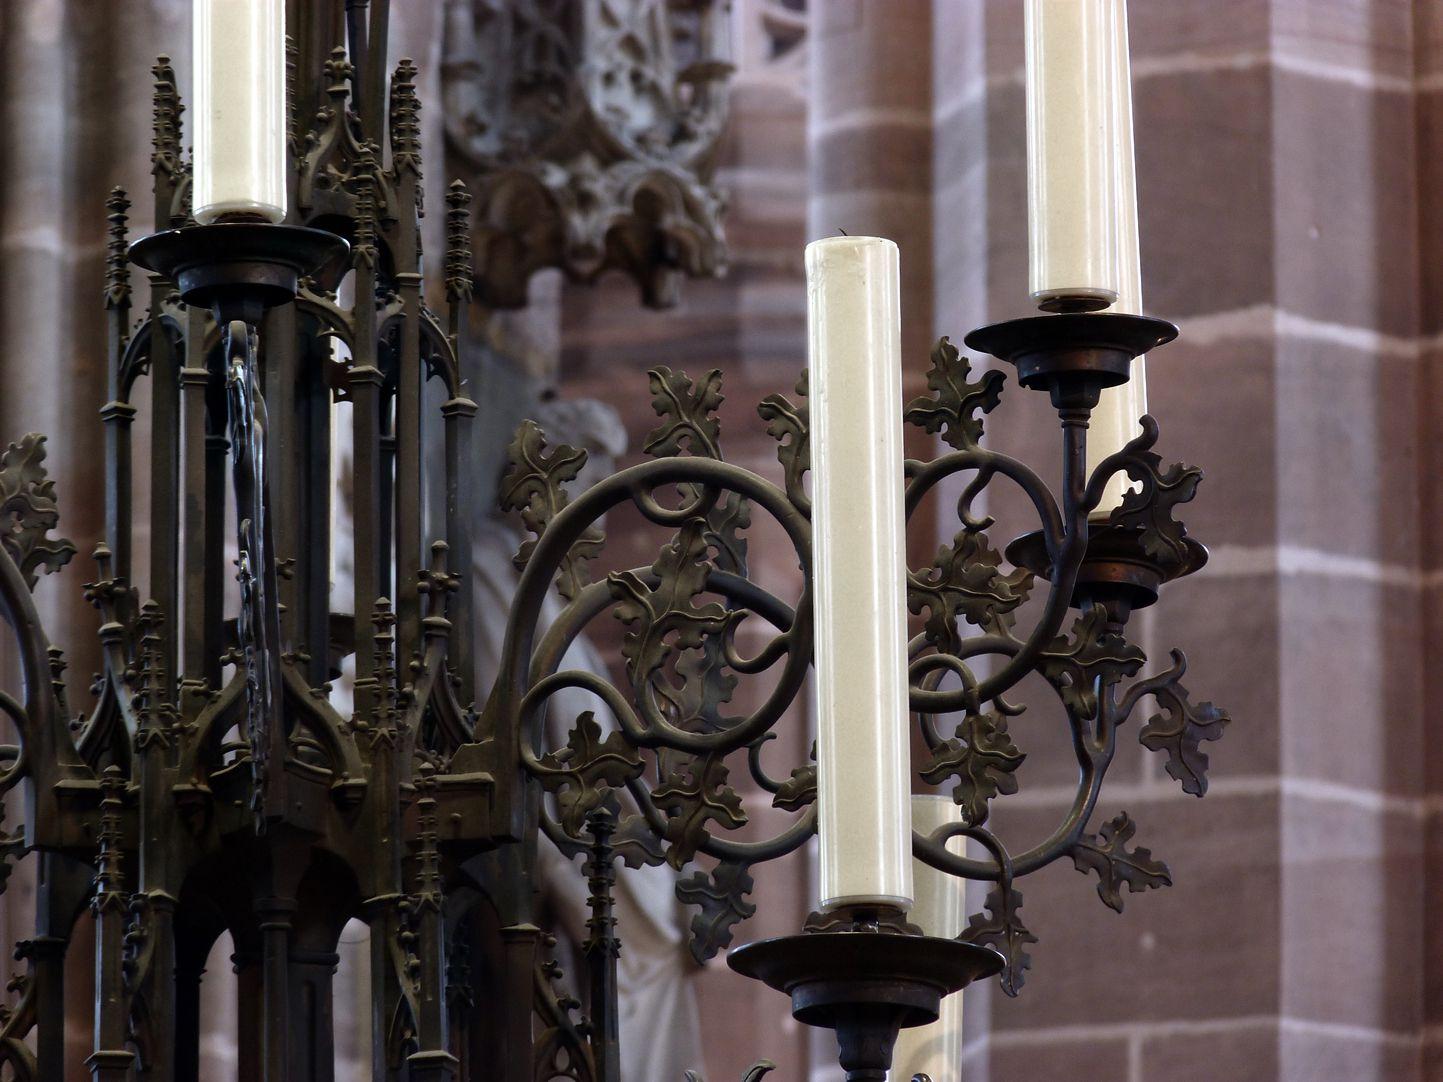 Bronzeleuchter oberer Leuchterteil mit Rankenwerk